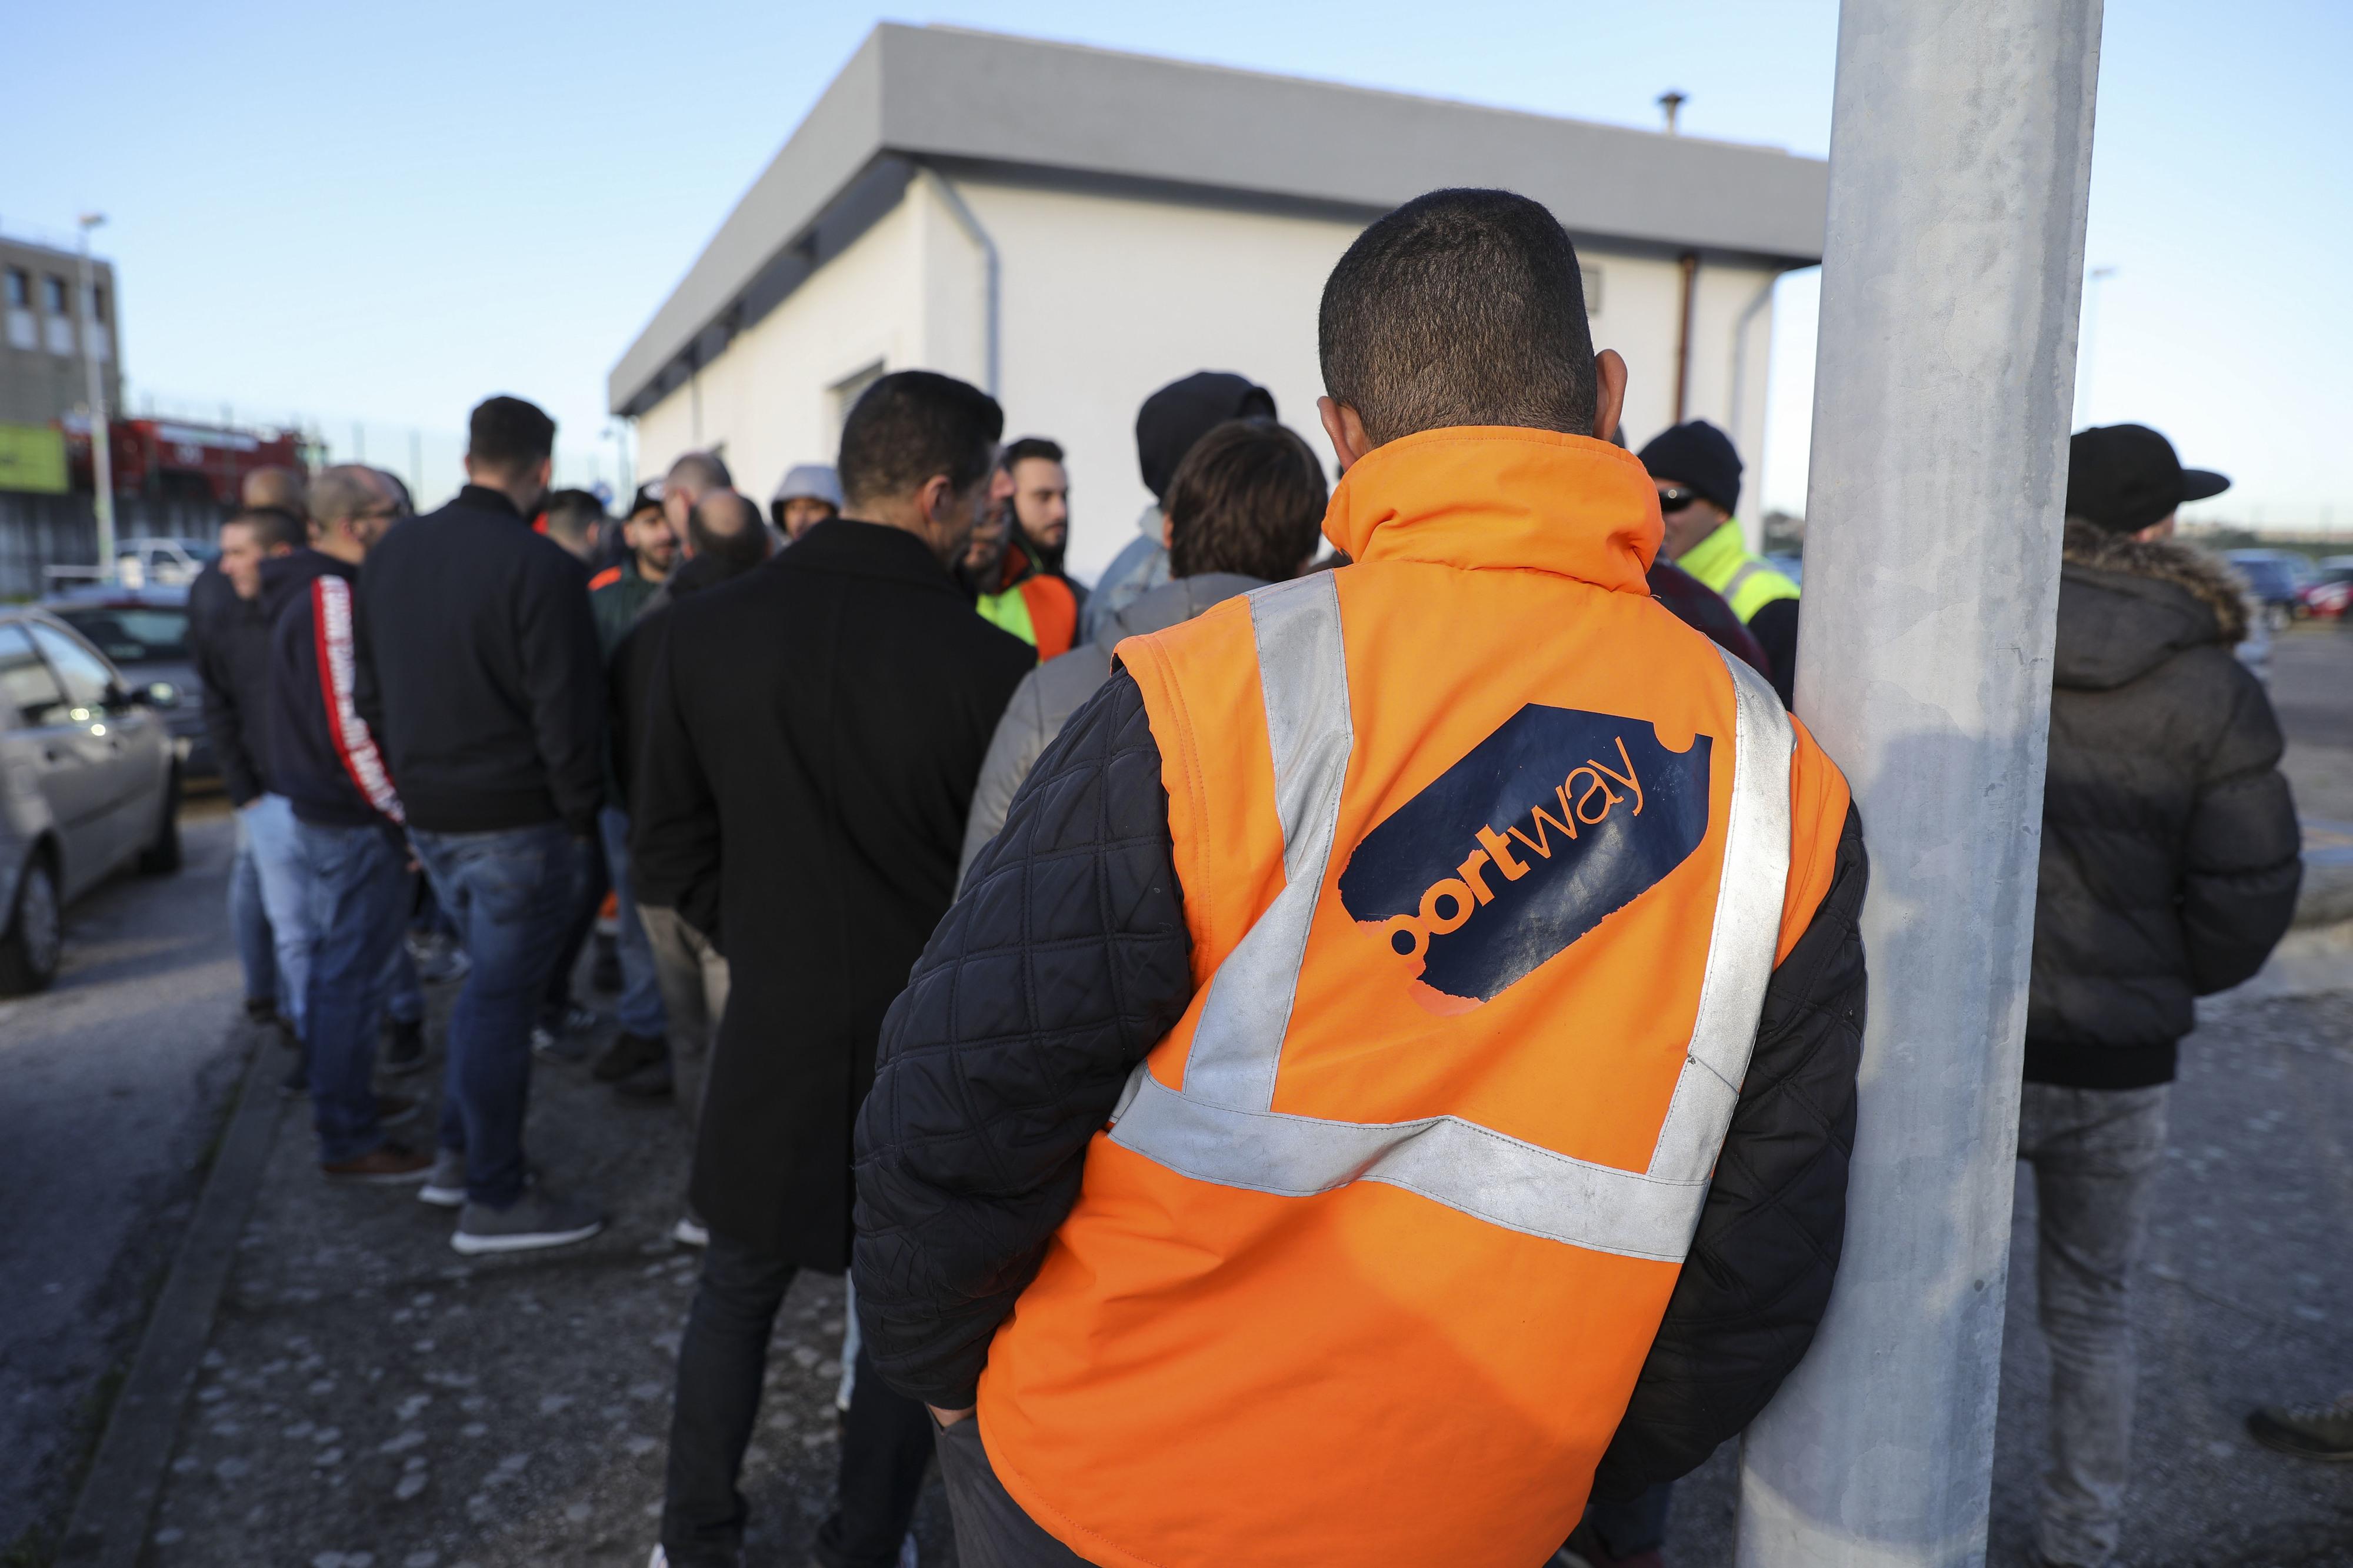 Portway quer cortar 20% do salário dos trabalhadores em funções - Fectrans